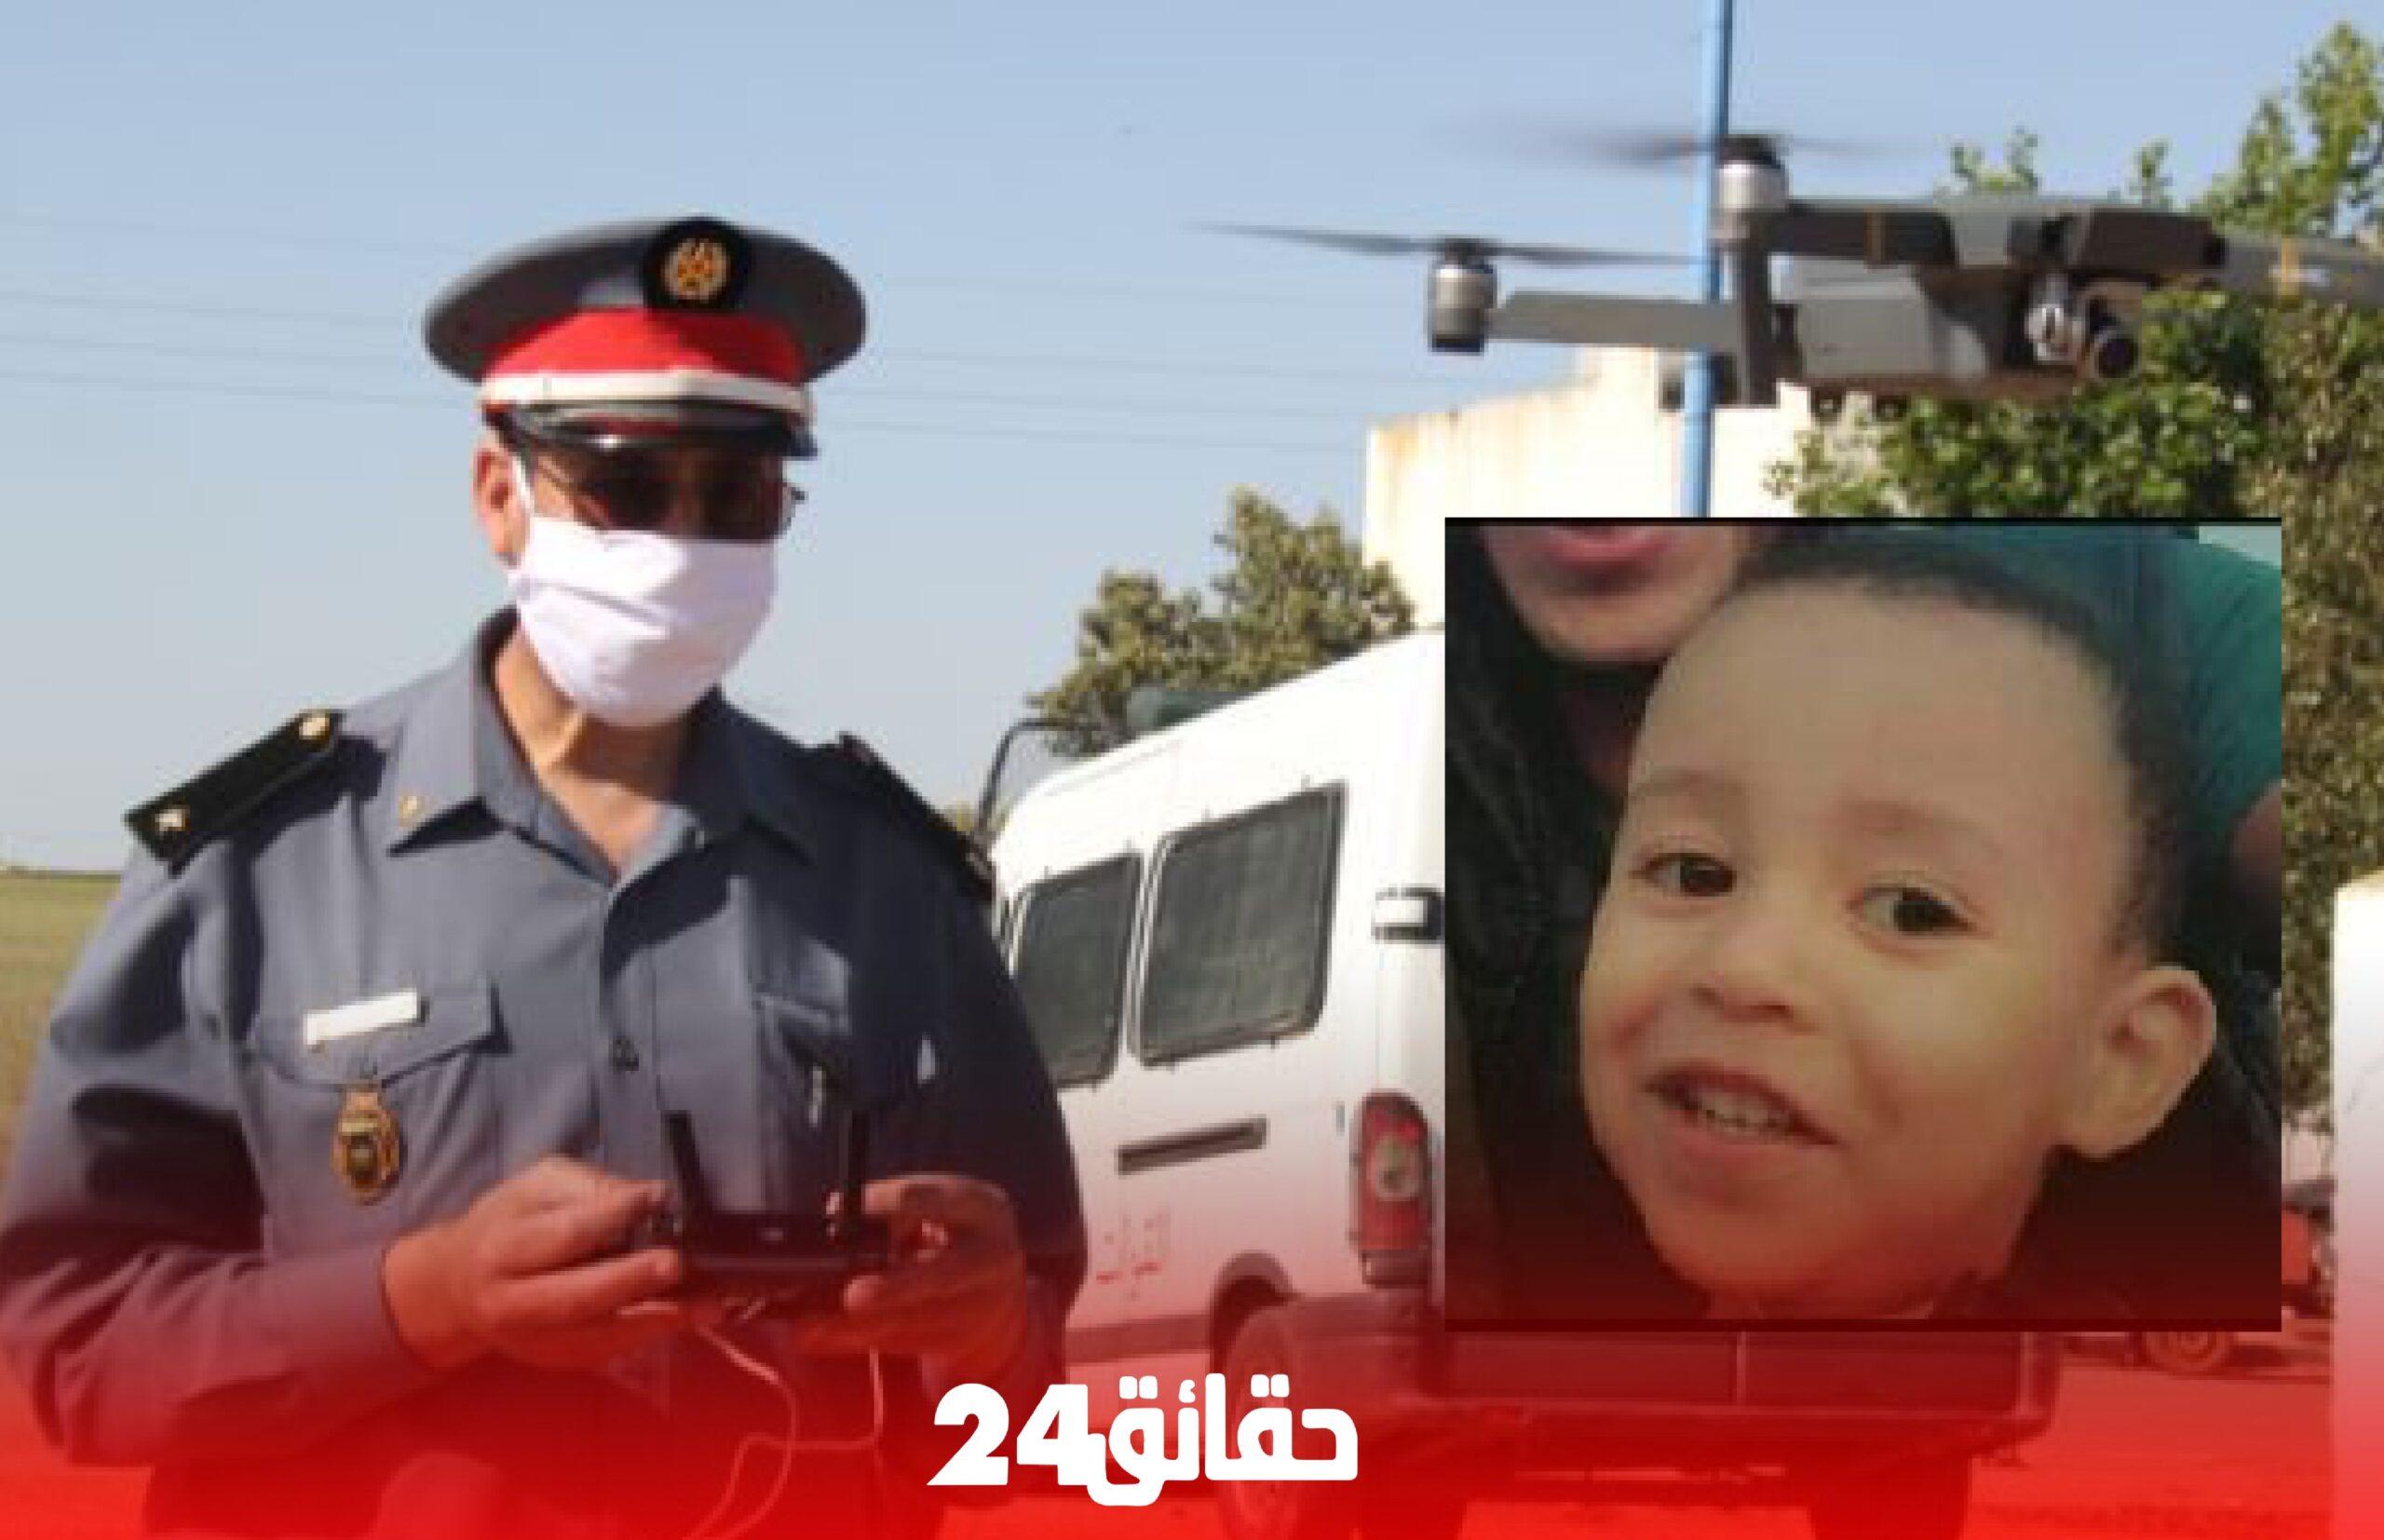 صورة طلب فدية يطيح بمختطف الطفل الحسين